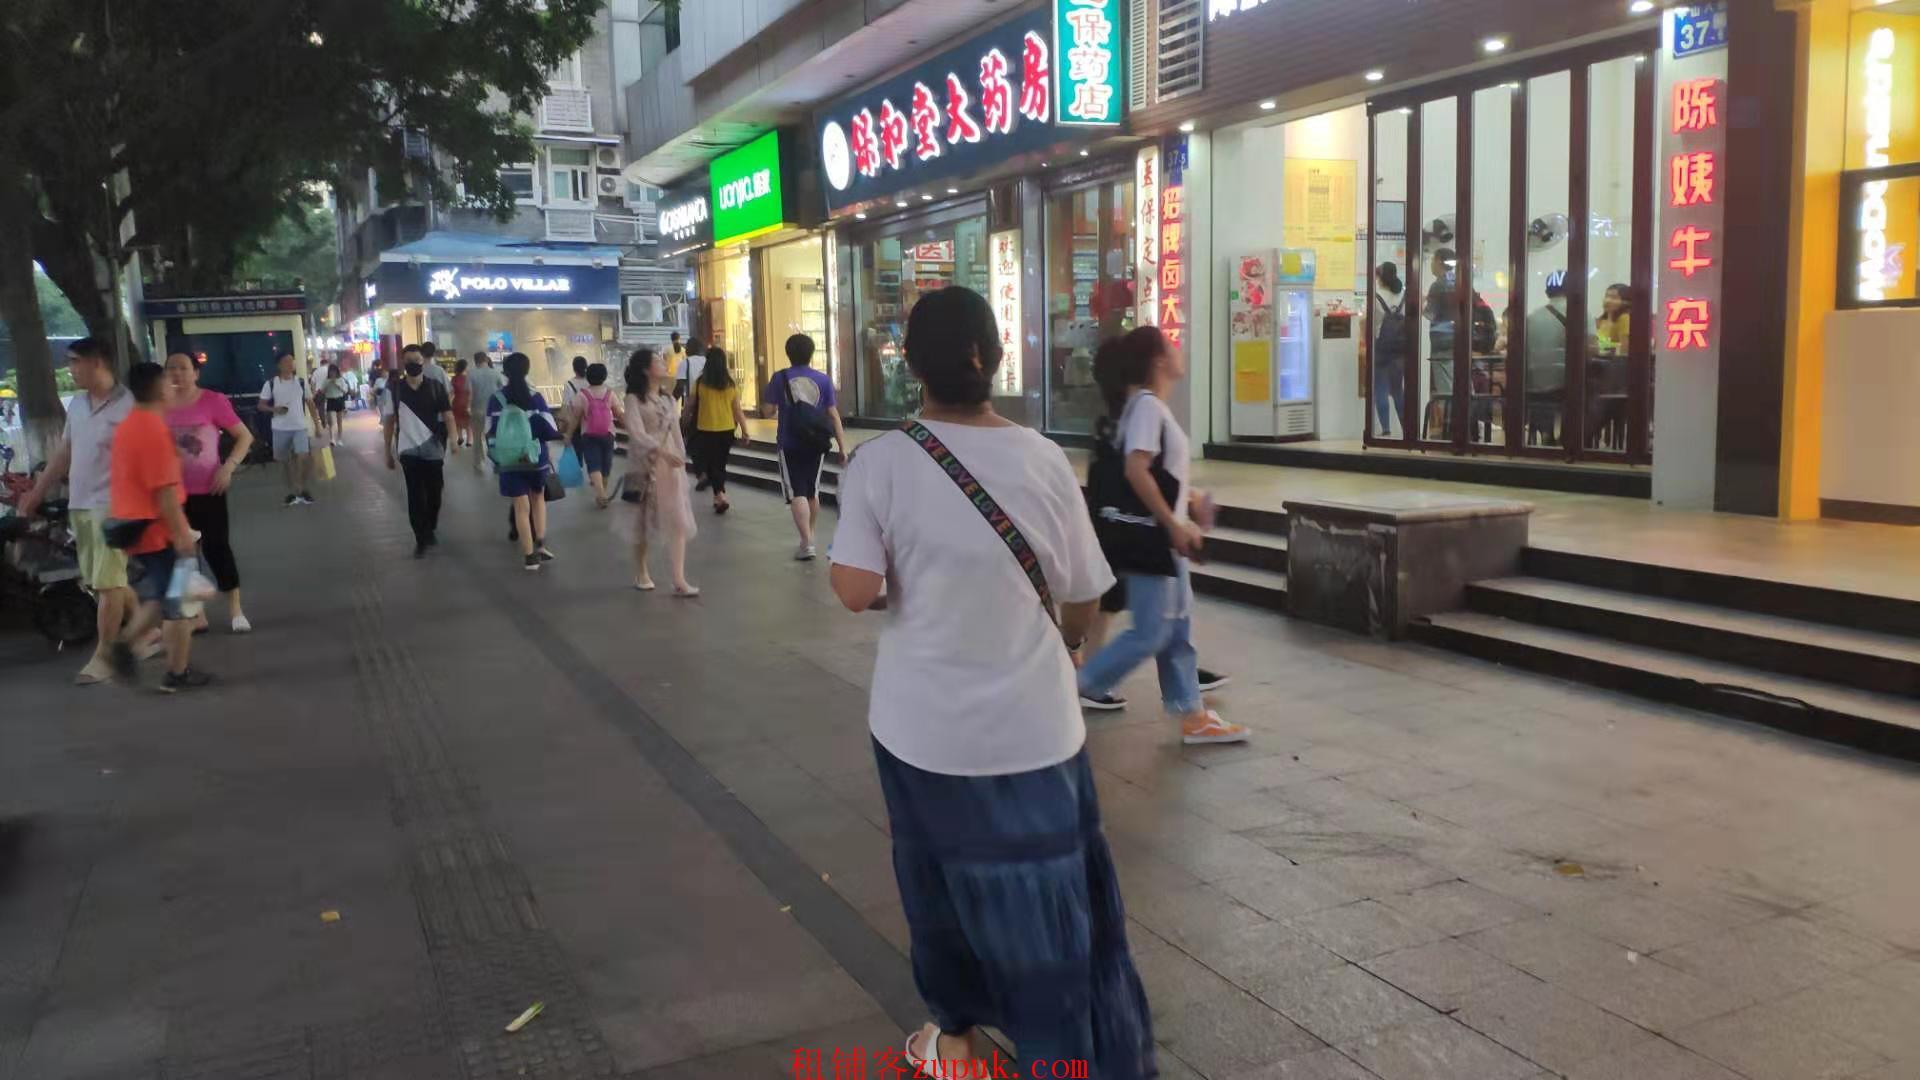 一德路地铁站 沿街商铺出租 可明火餐饮奶茶等